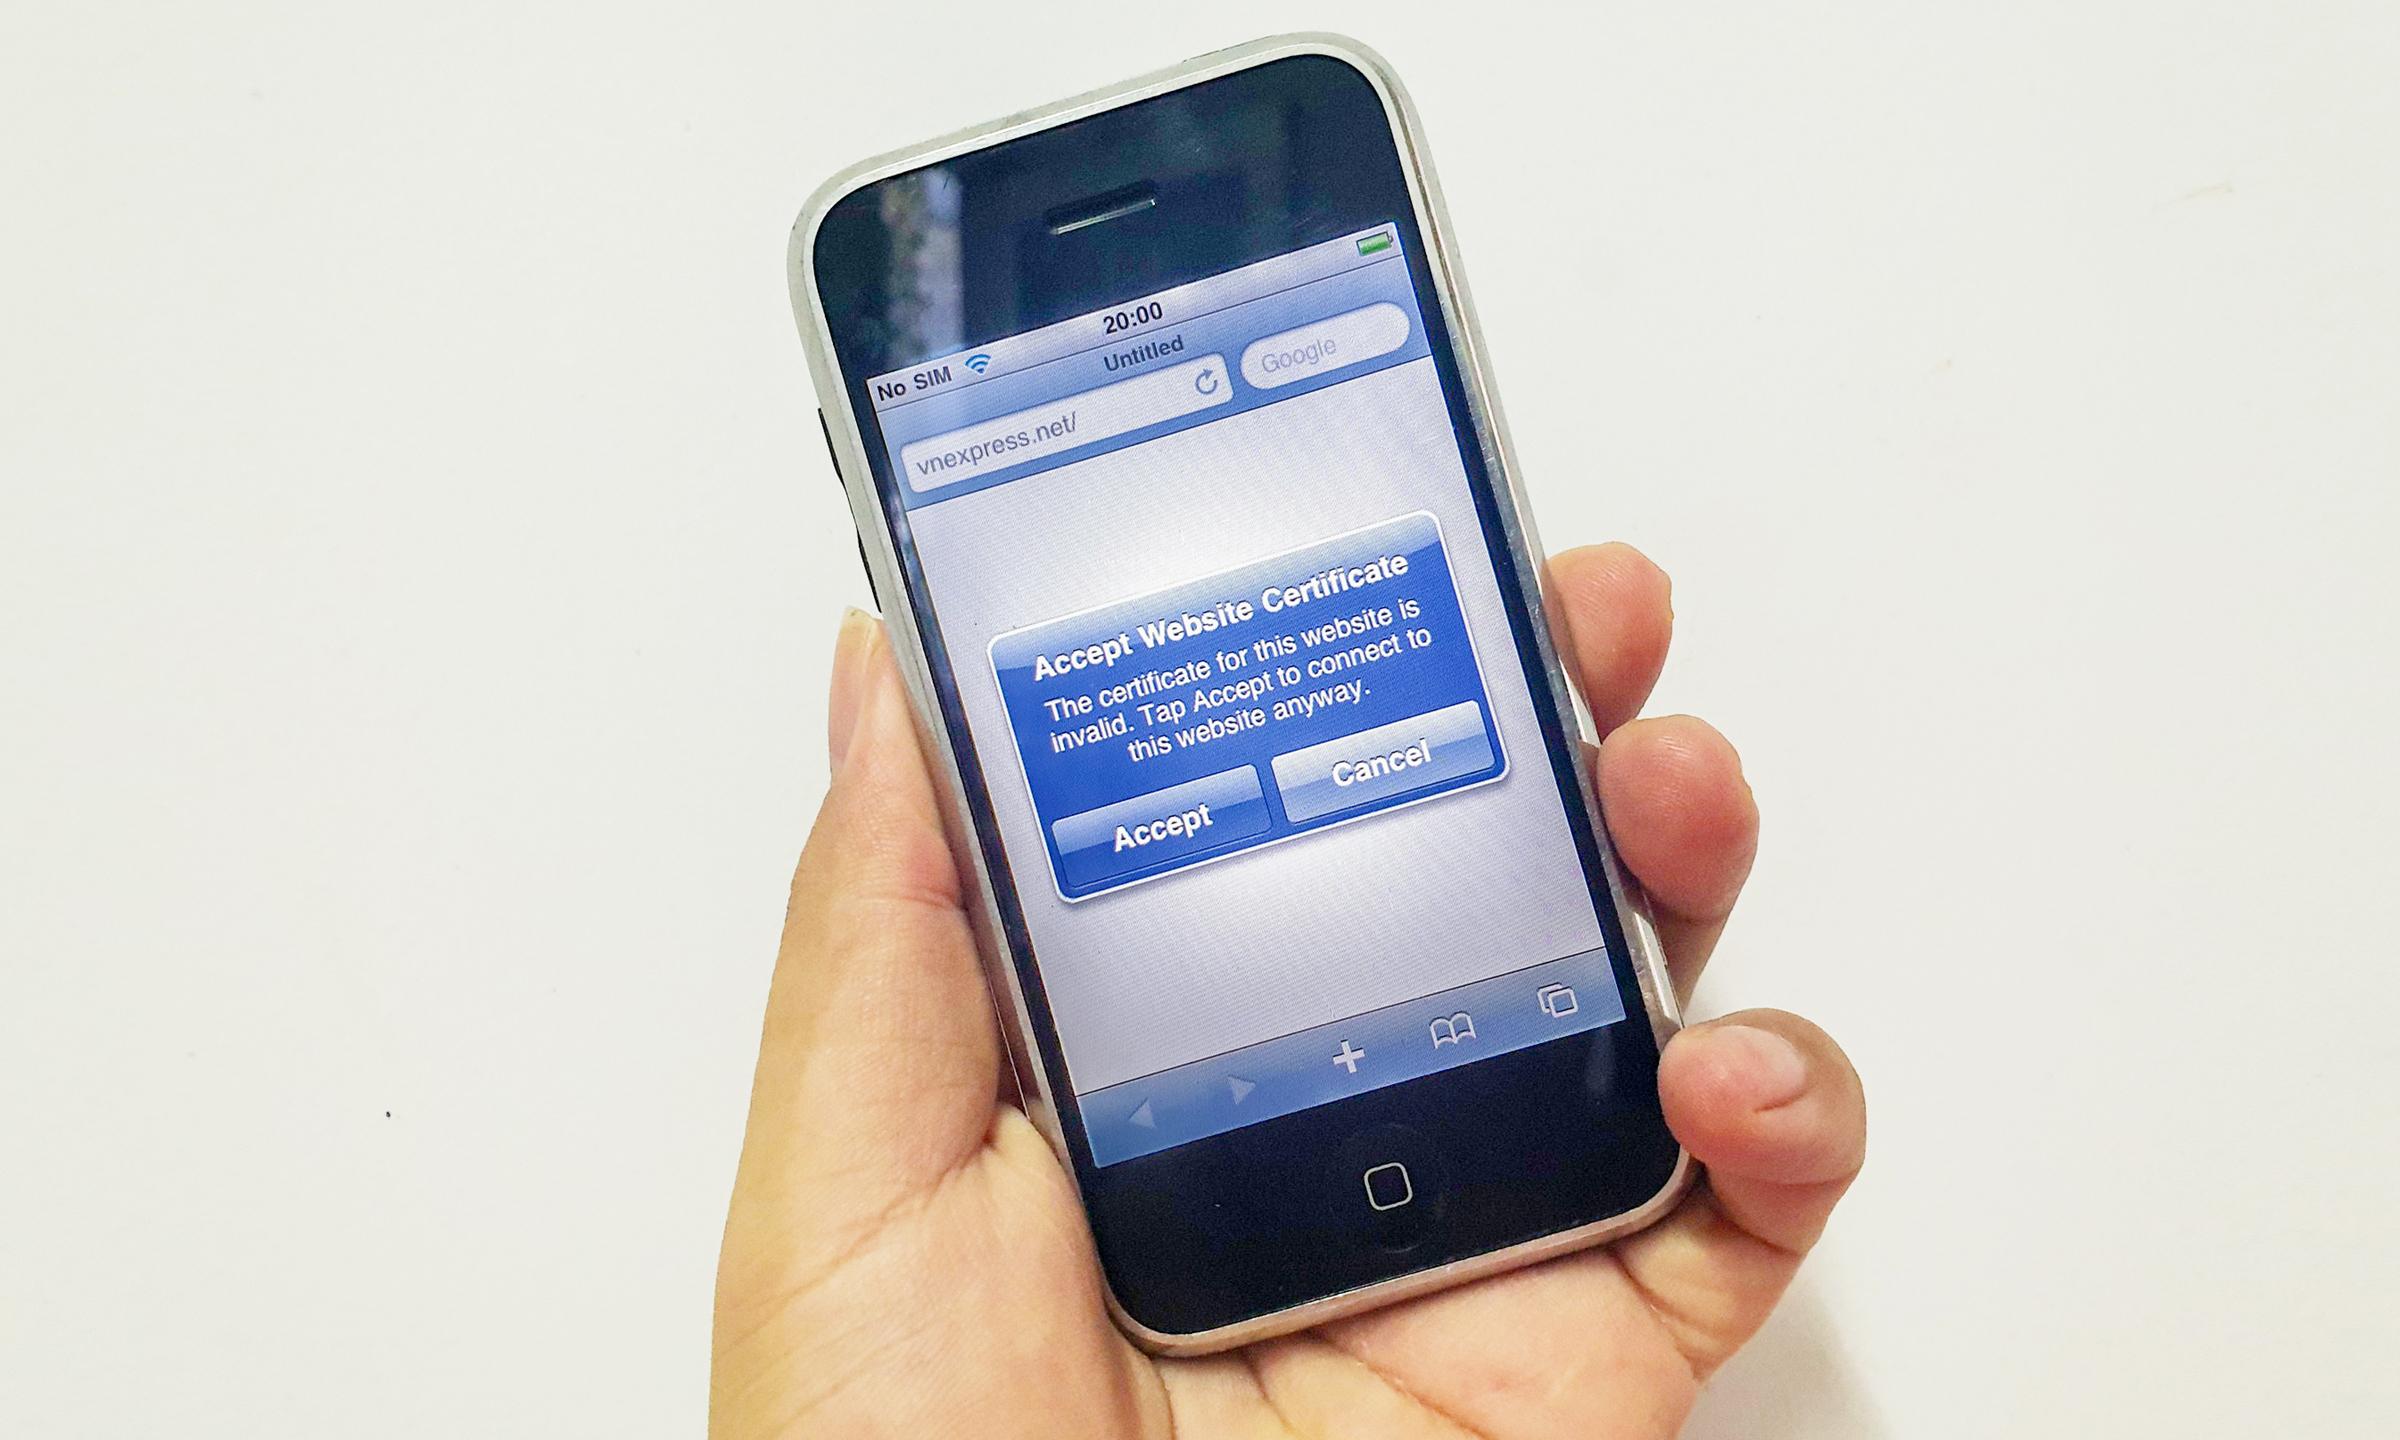 điện thoại không vào được internet